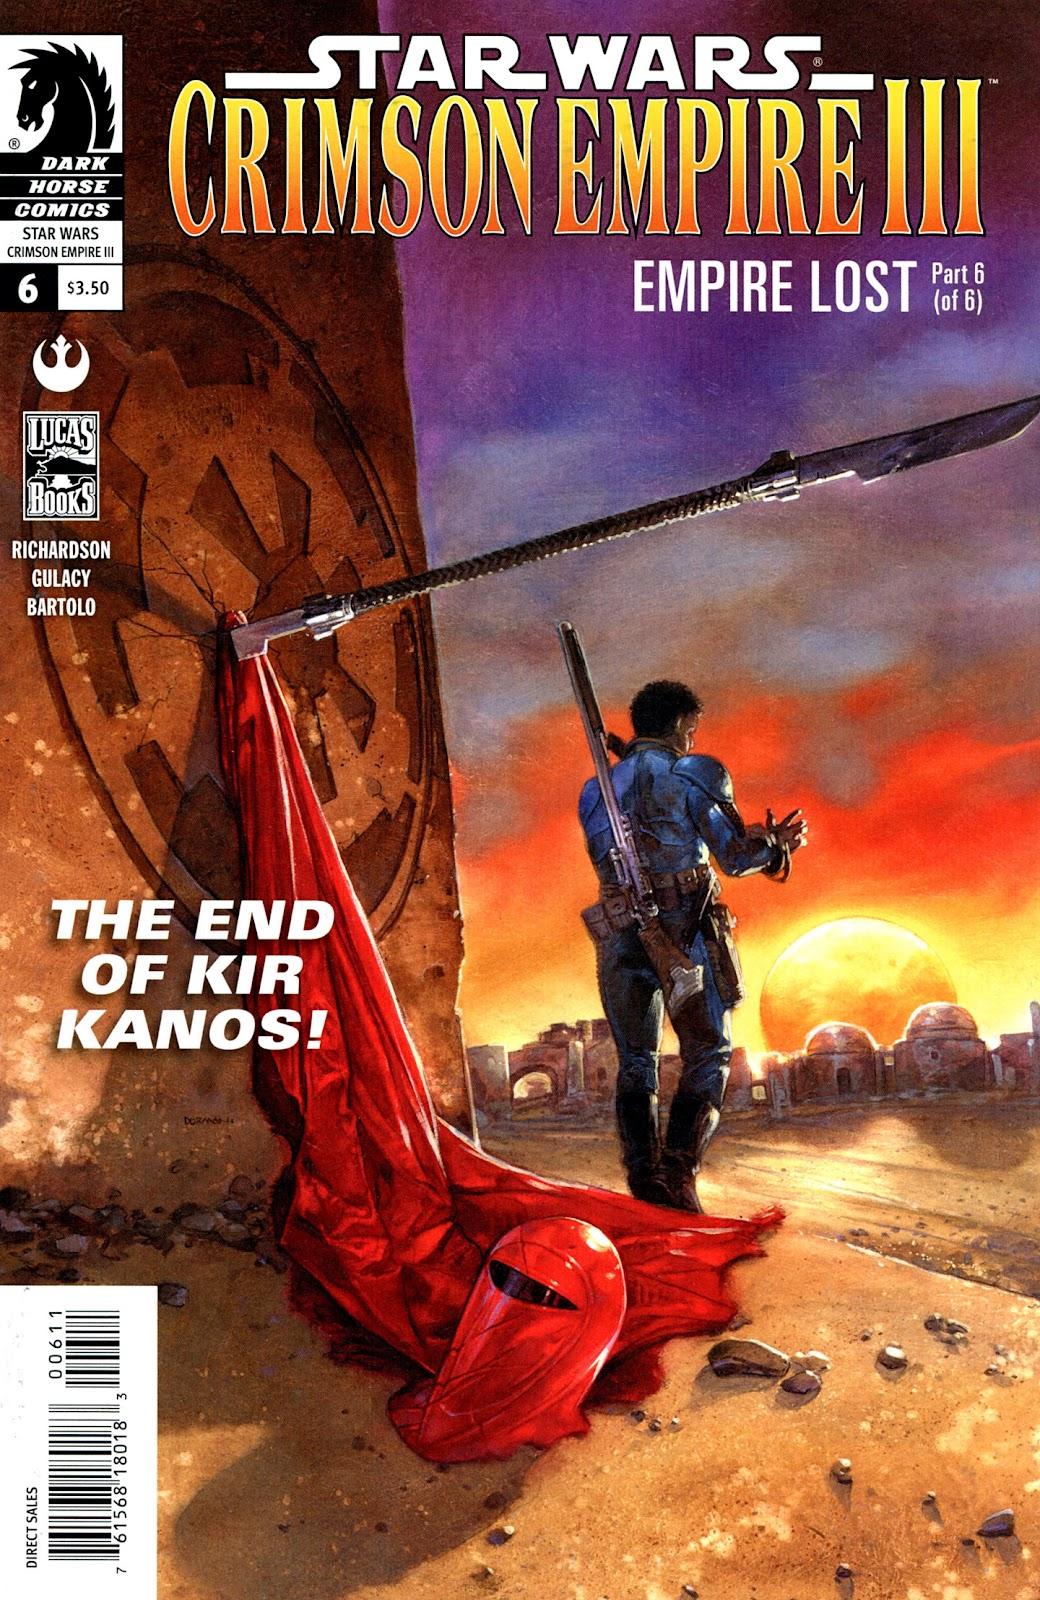 Star Wars: Crimson Empire III - Empire Lost 6 Page 1